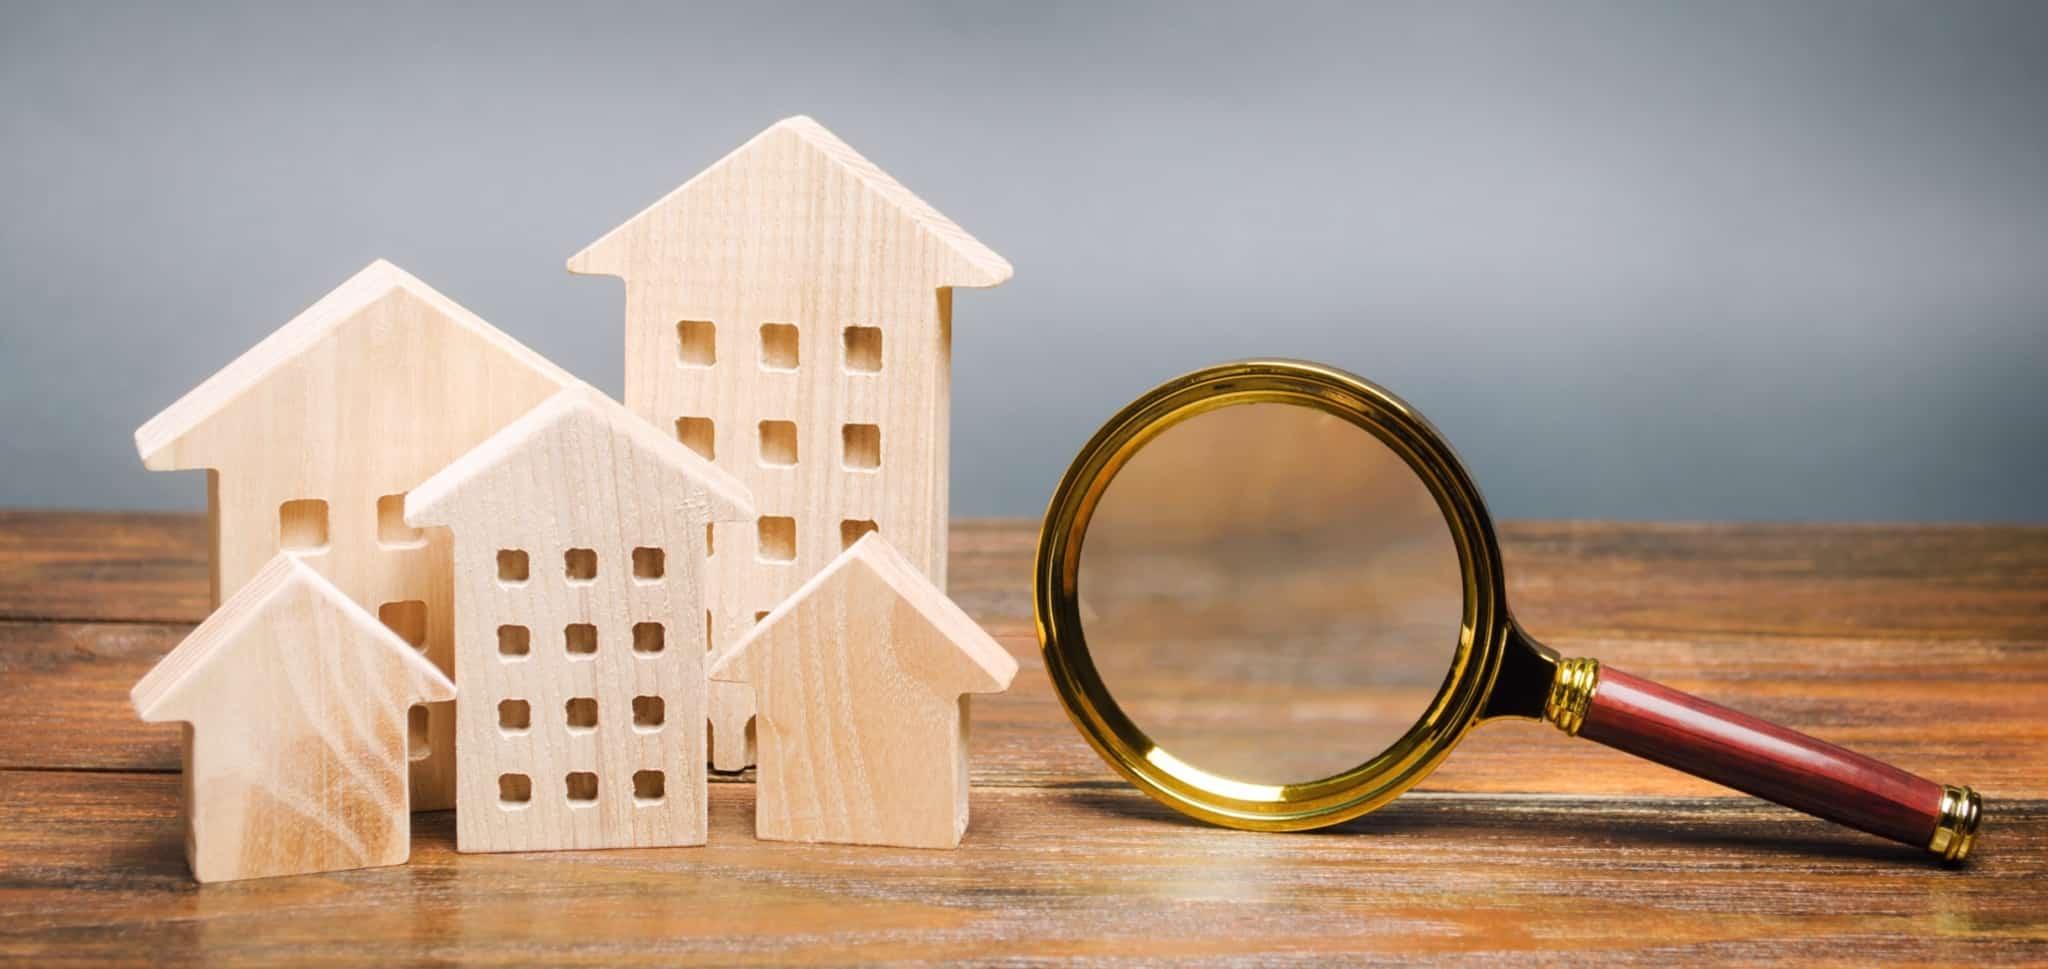 Figuras de casas e prédios em madeira ao lado uma lupa